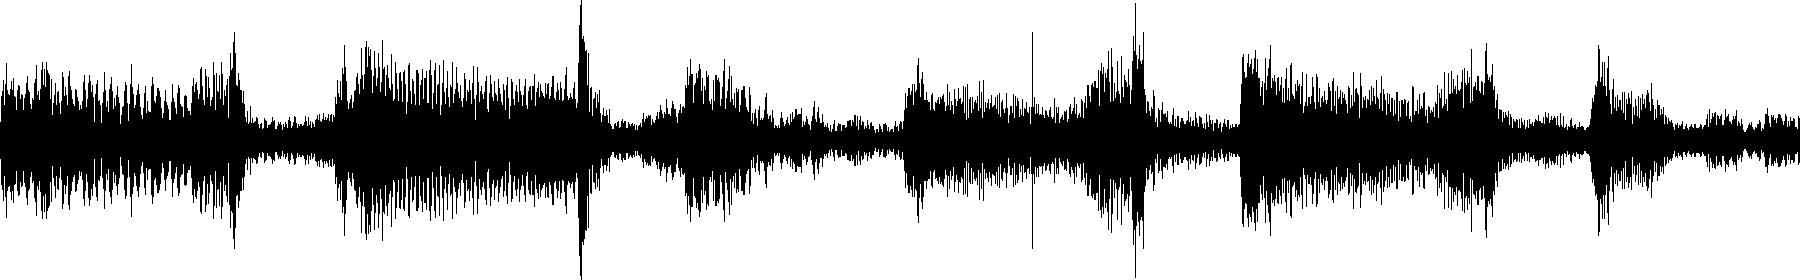 142 guitar loop b